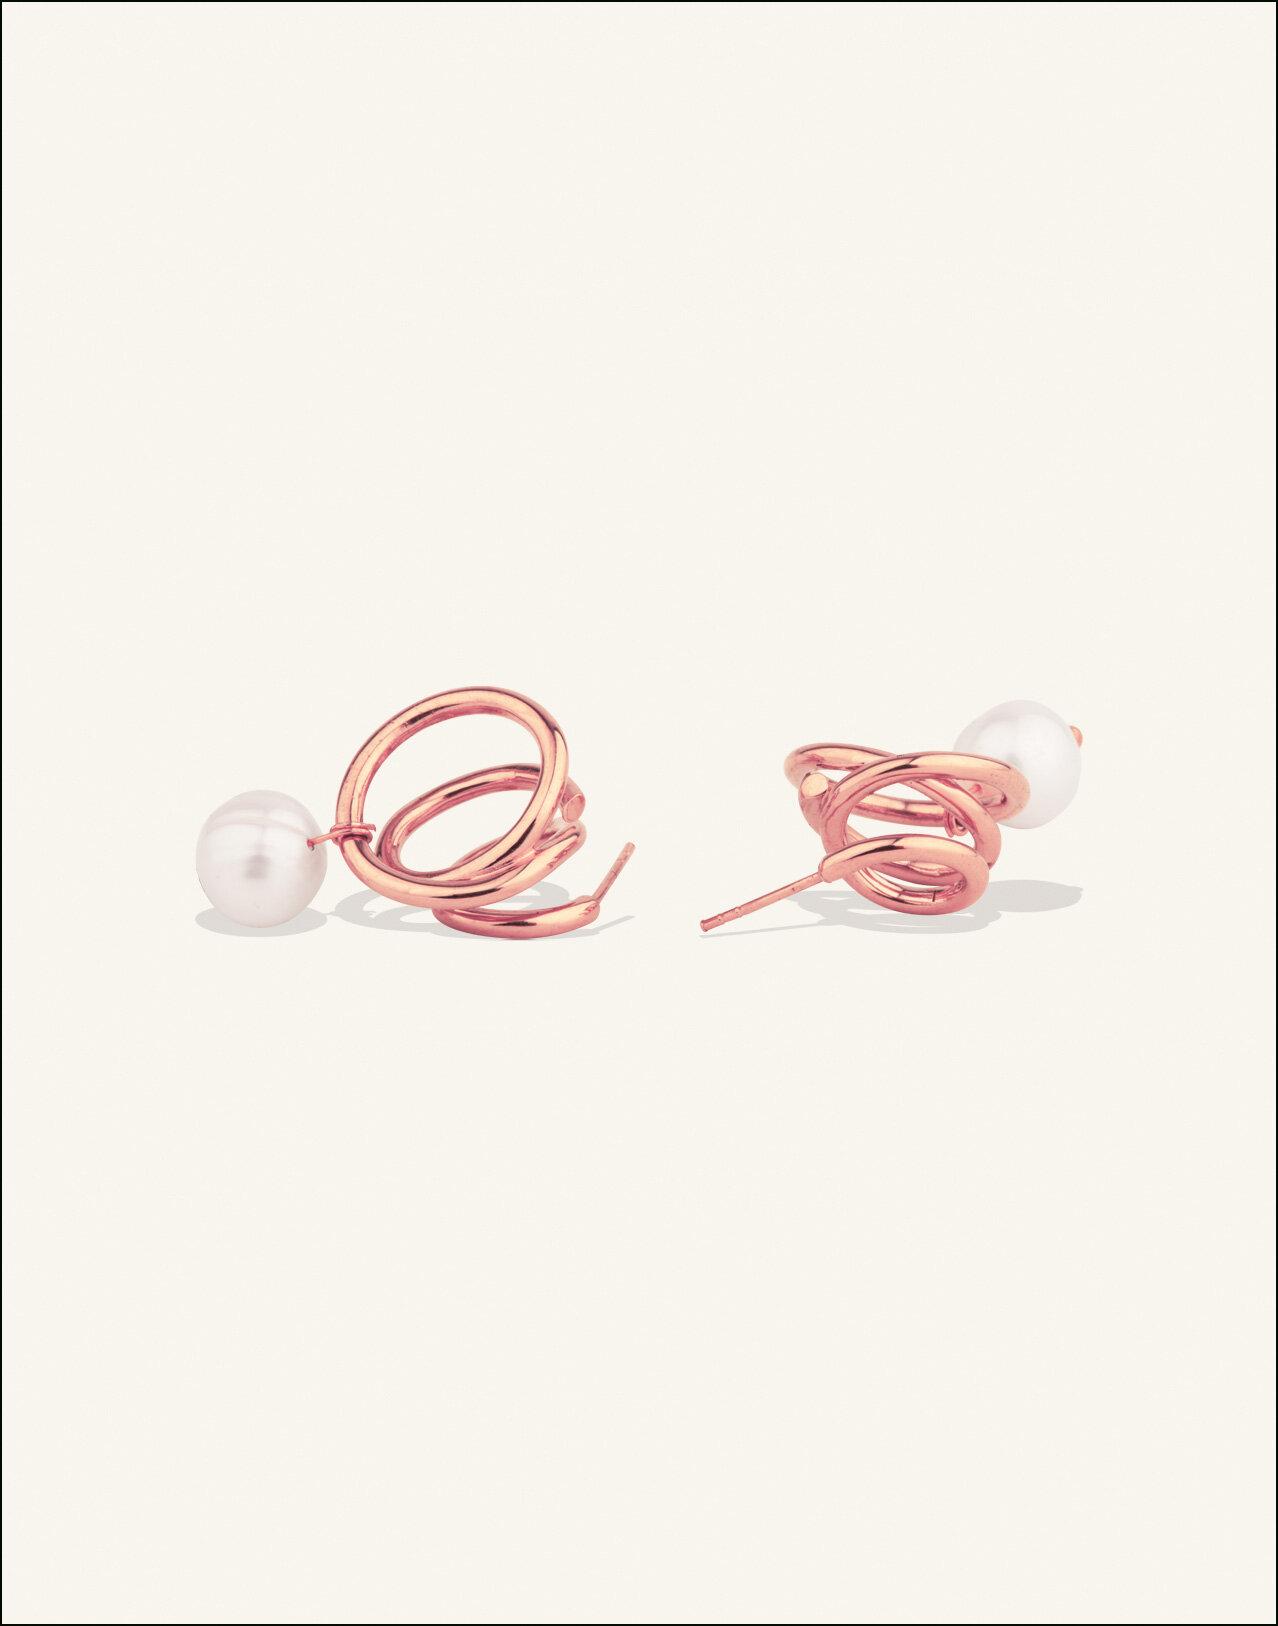 Completedworks-ROSE-GOLD-VERMEIL-Flow-Earrings-Pearl-4.jpg